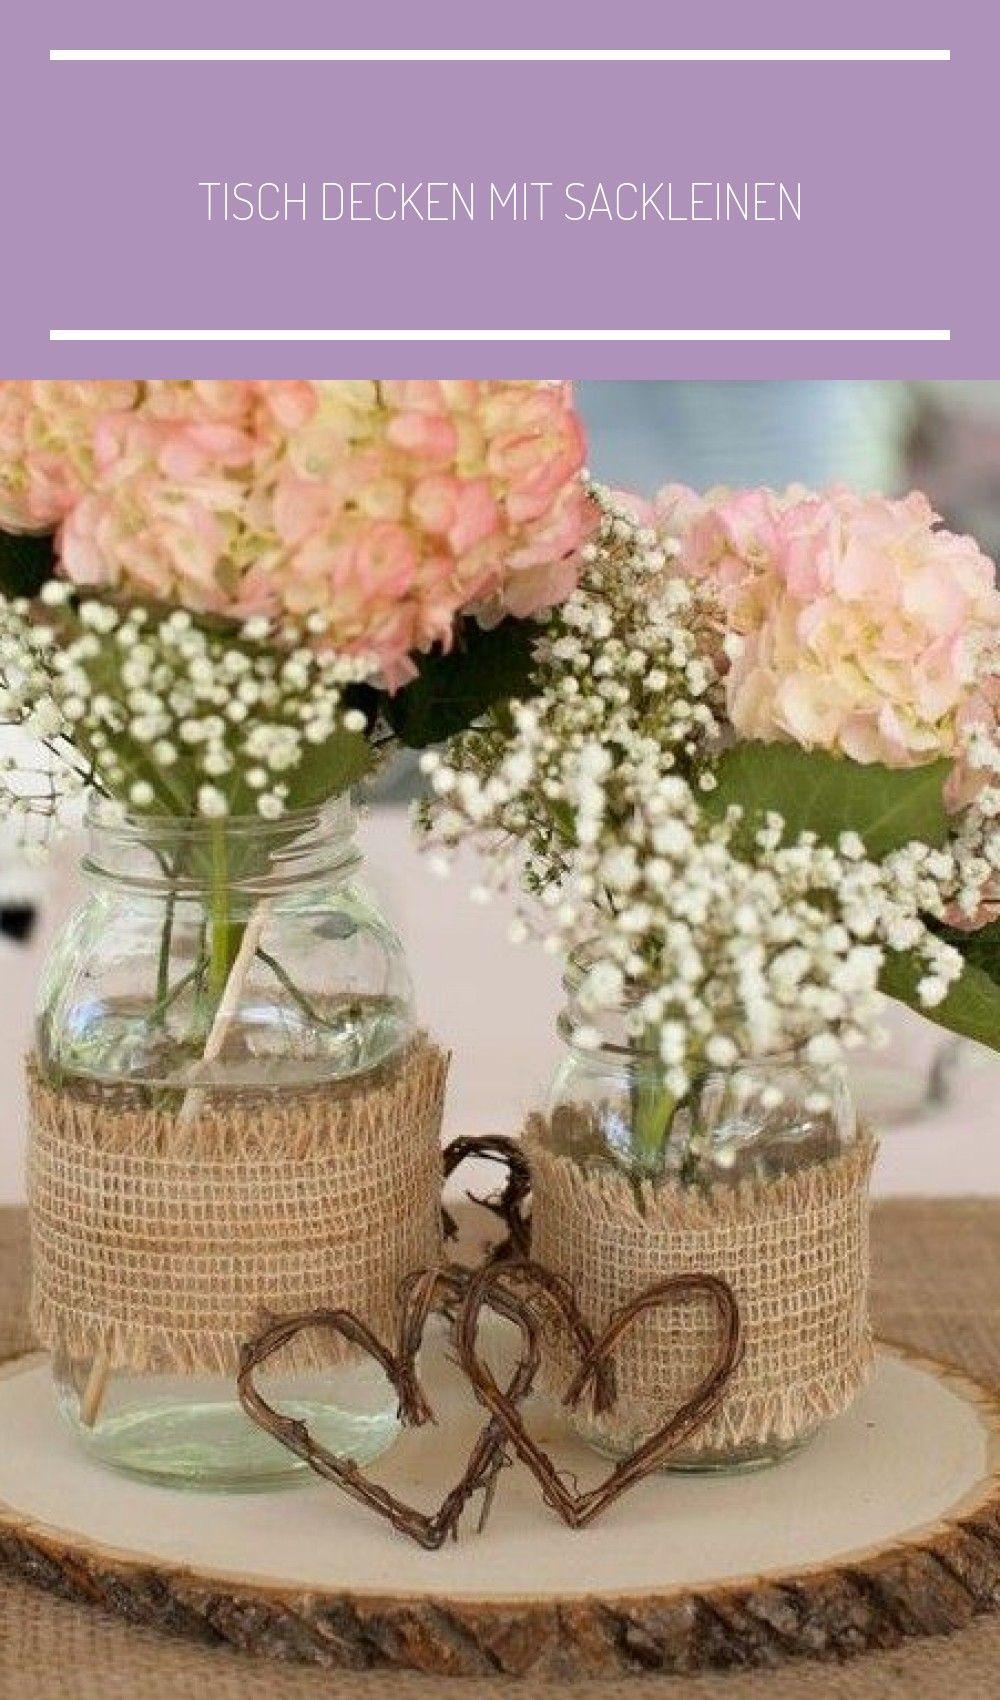 Tisch Decken Mit Rupfen Tischlaufer Und Tischdeko Mit Holz Und